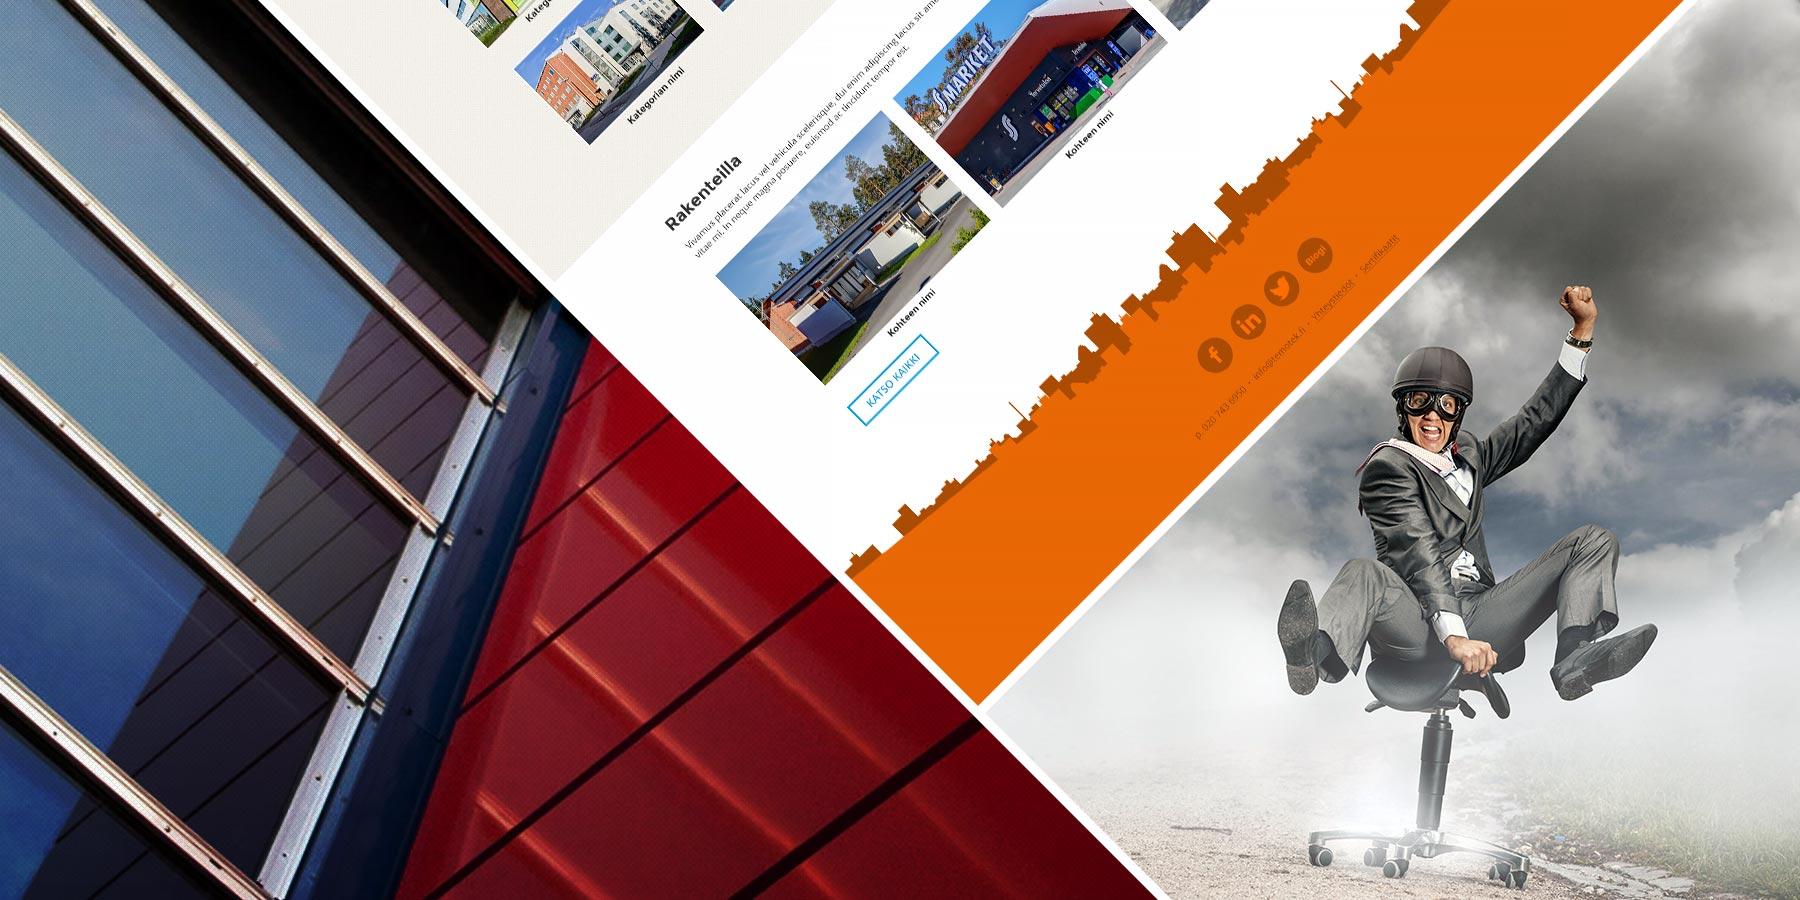 Avalon blogi – Rakennusalan moniottelijalle Temotekille brändi- ja sivustouudistus